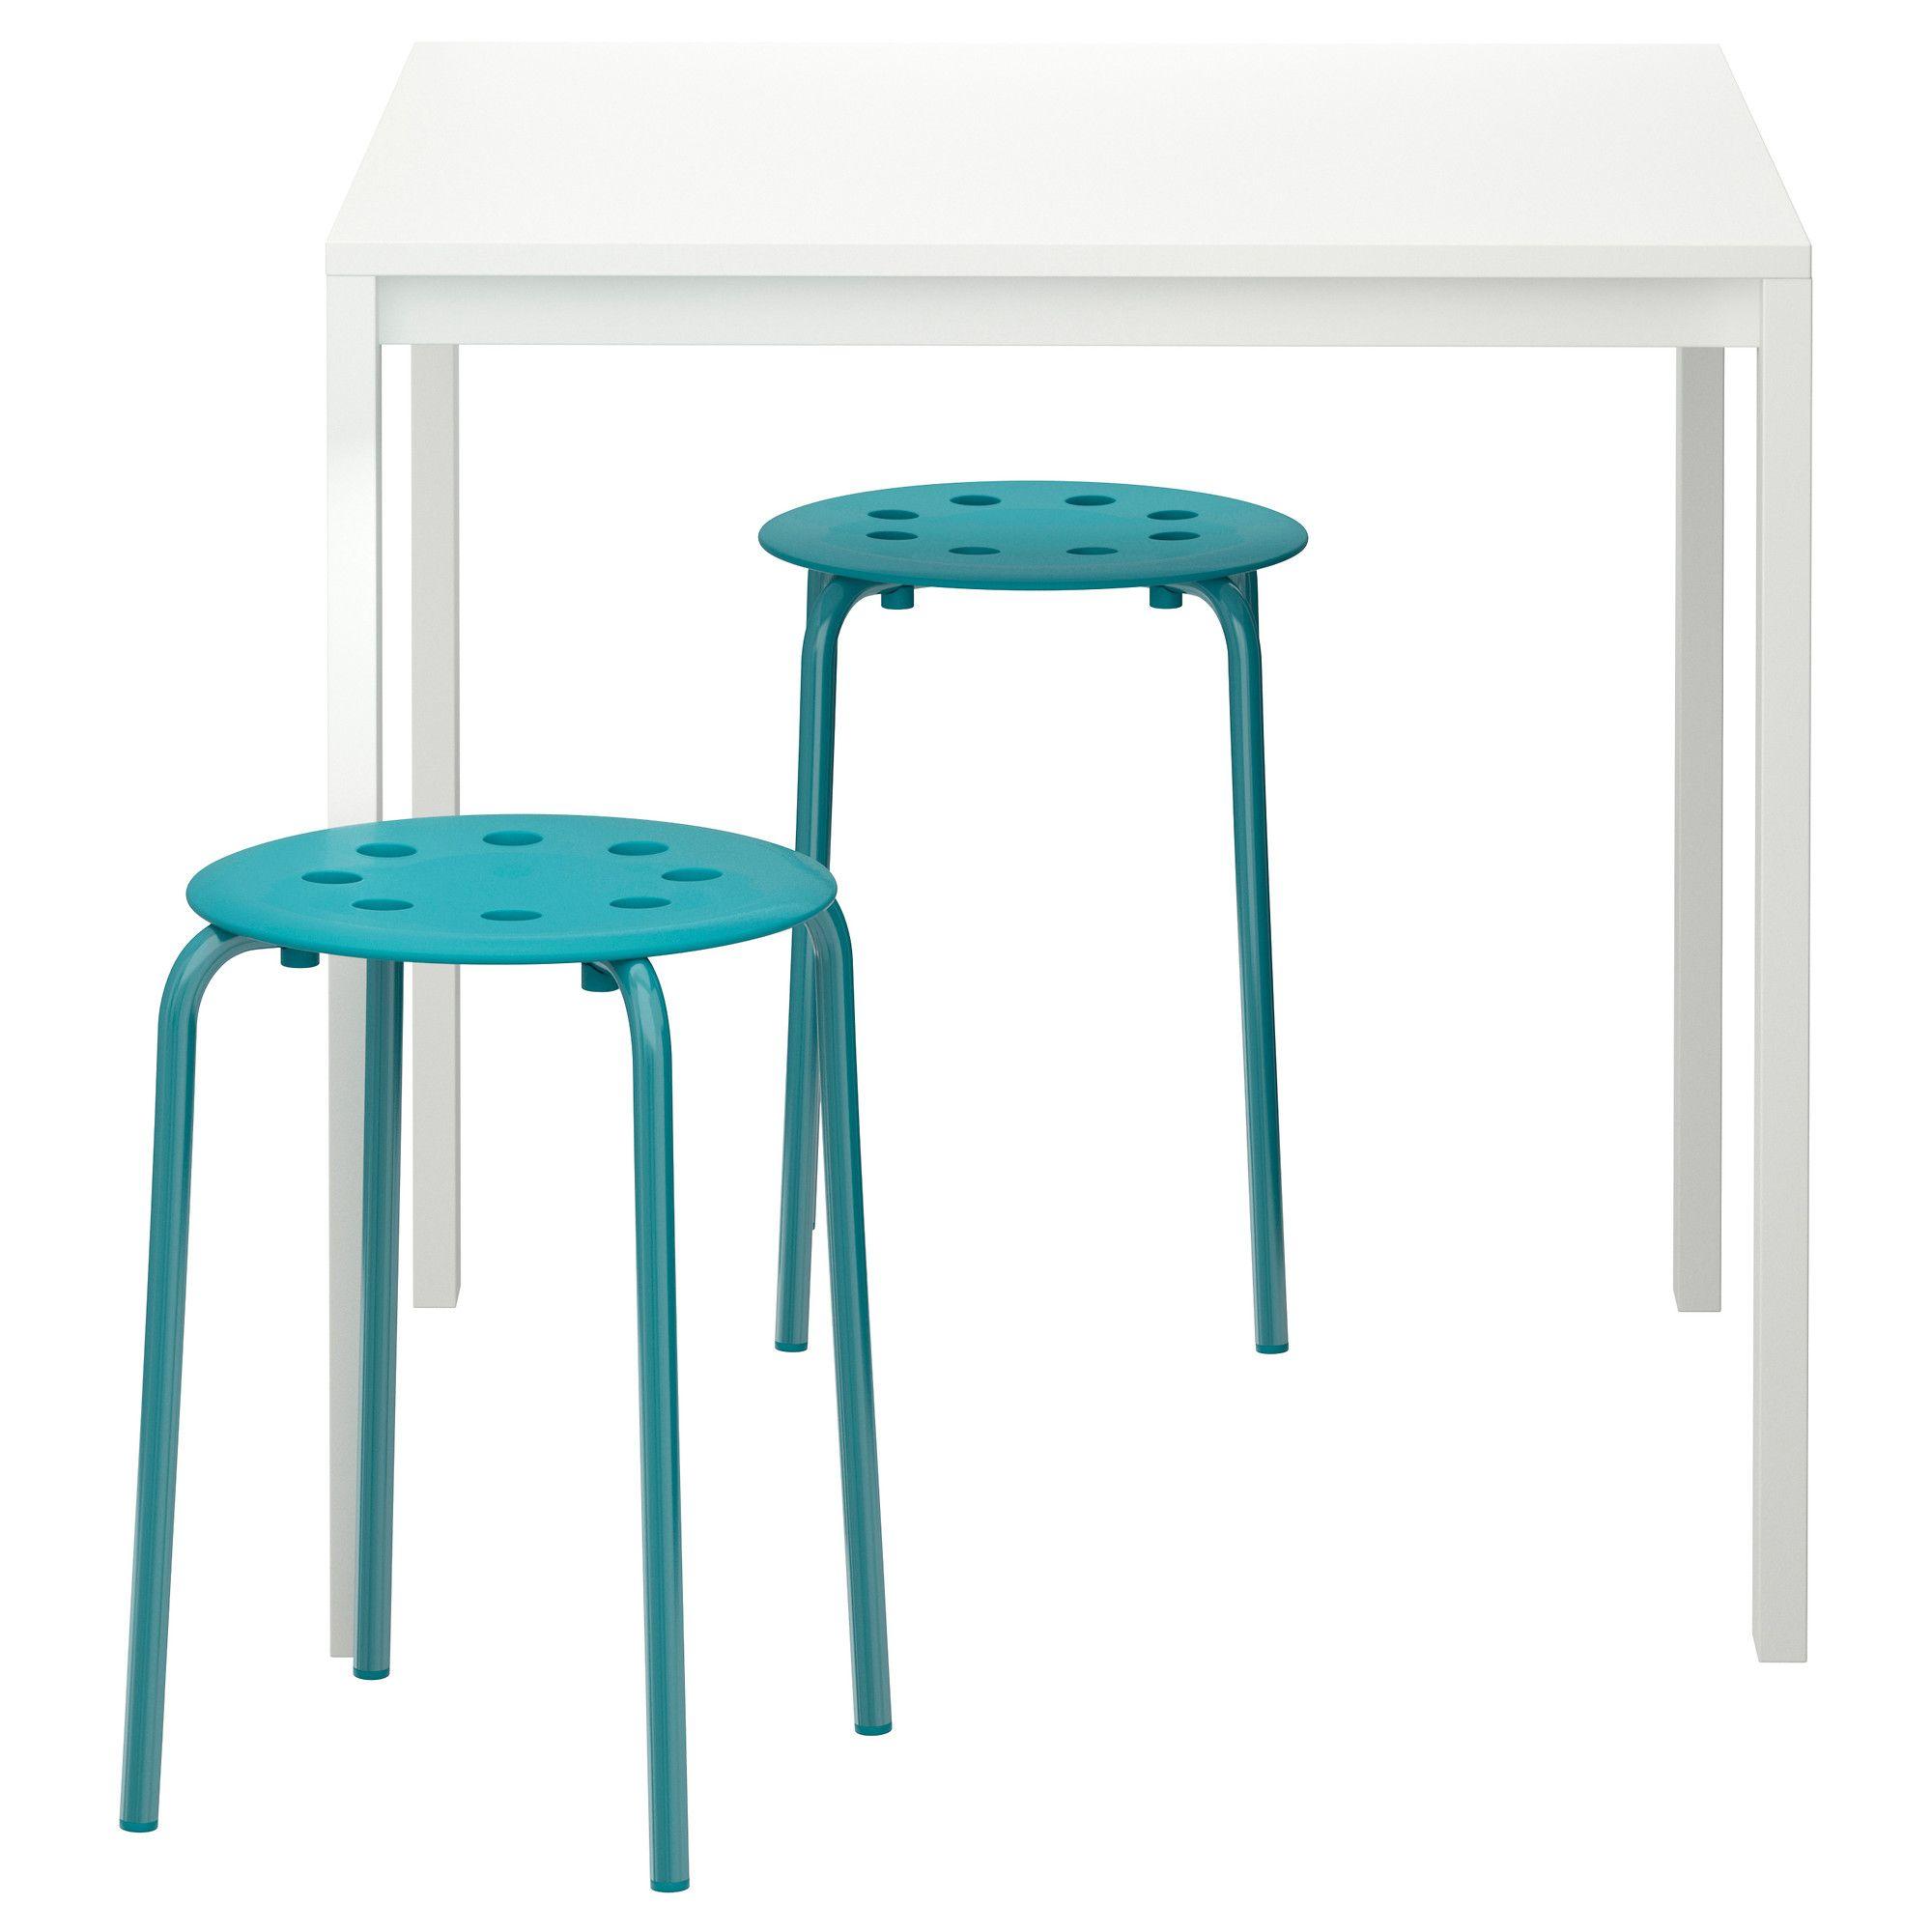 MELLTORP/MARIUS Table and 2 stools - IKEA | IKEA MARIUS stool ...